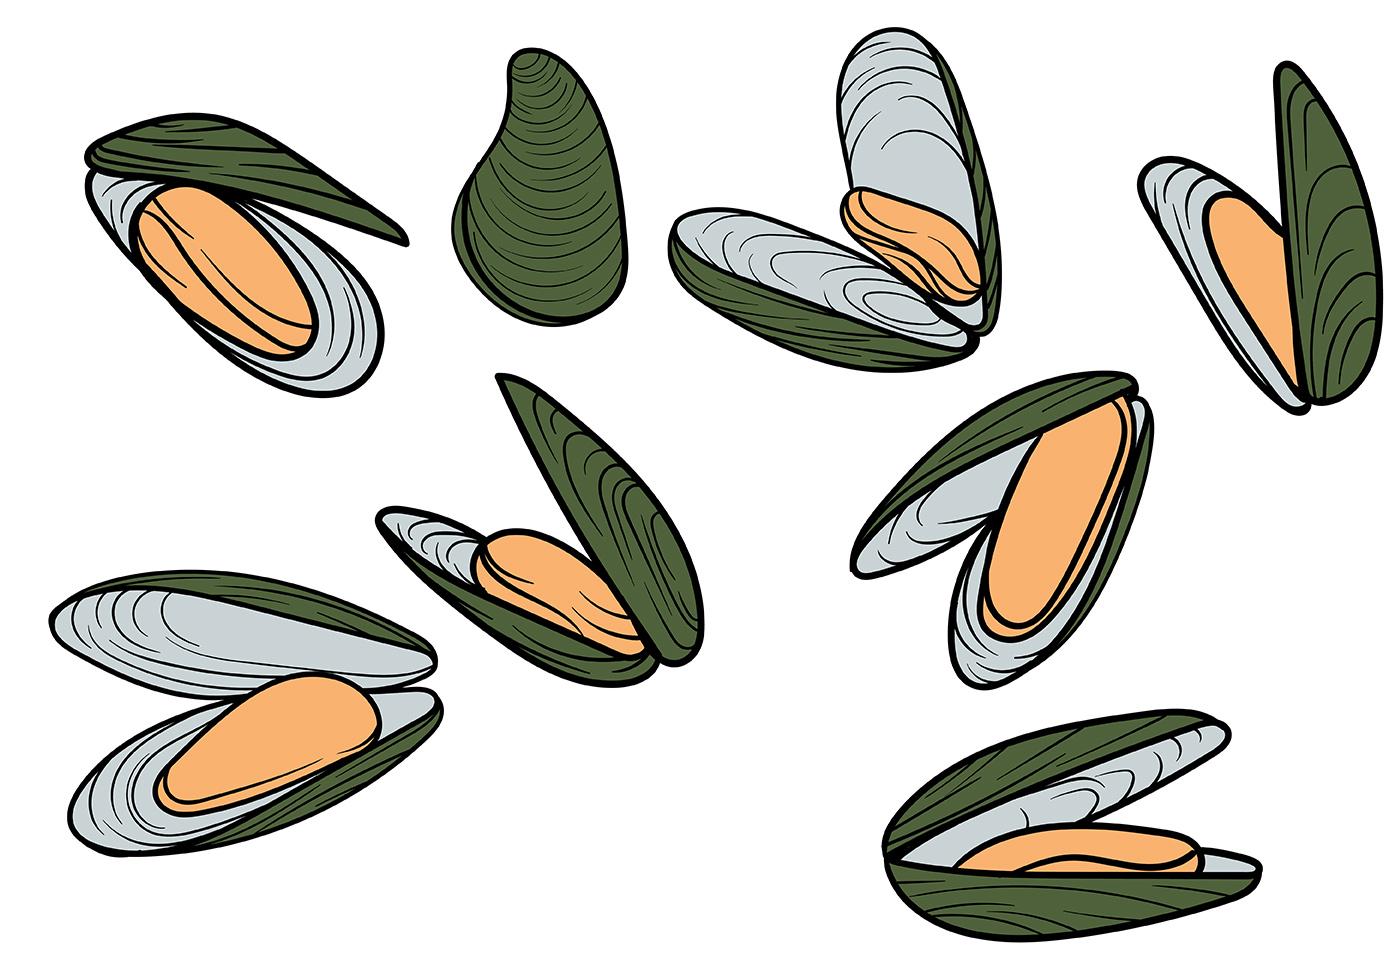 Free Mussel Vector - Download Free Vector Art, Stock Graphics & Images: www.vecteezy.com/vector-art/111352-free-mussel-vector